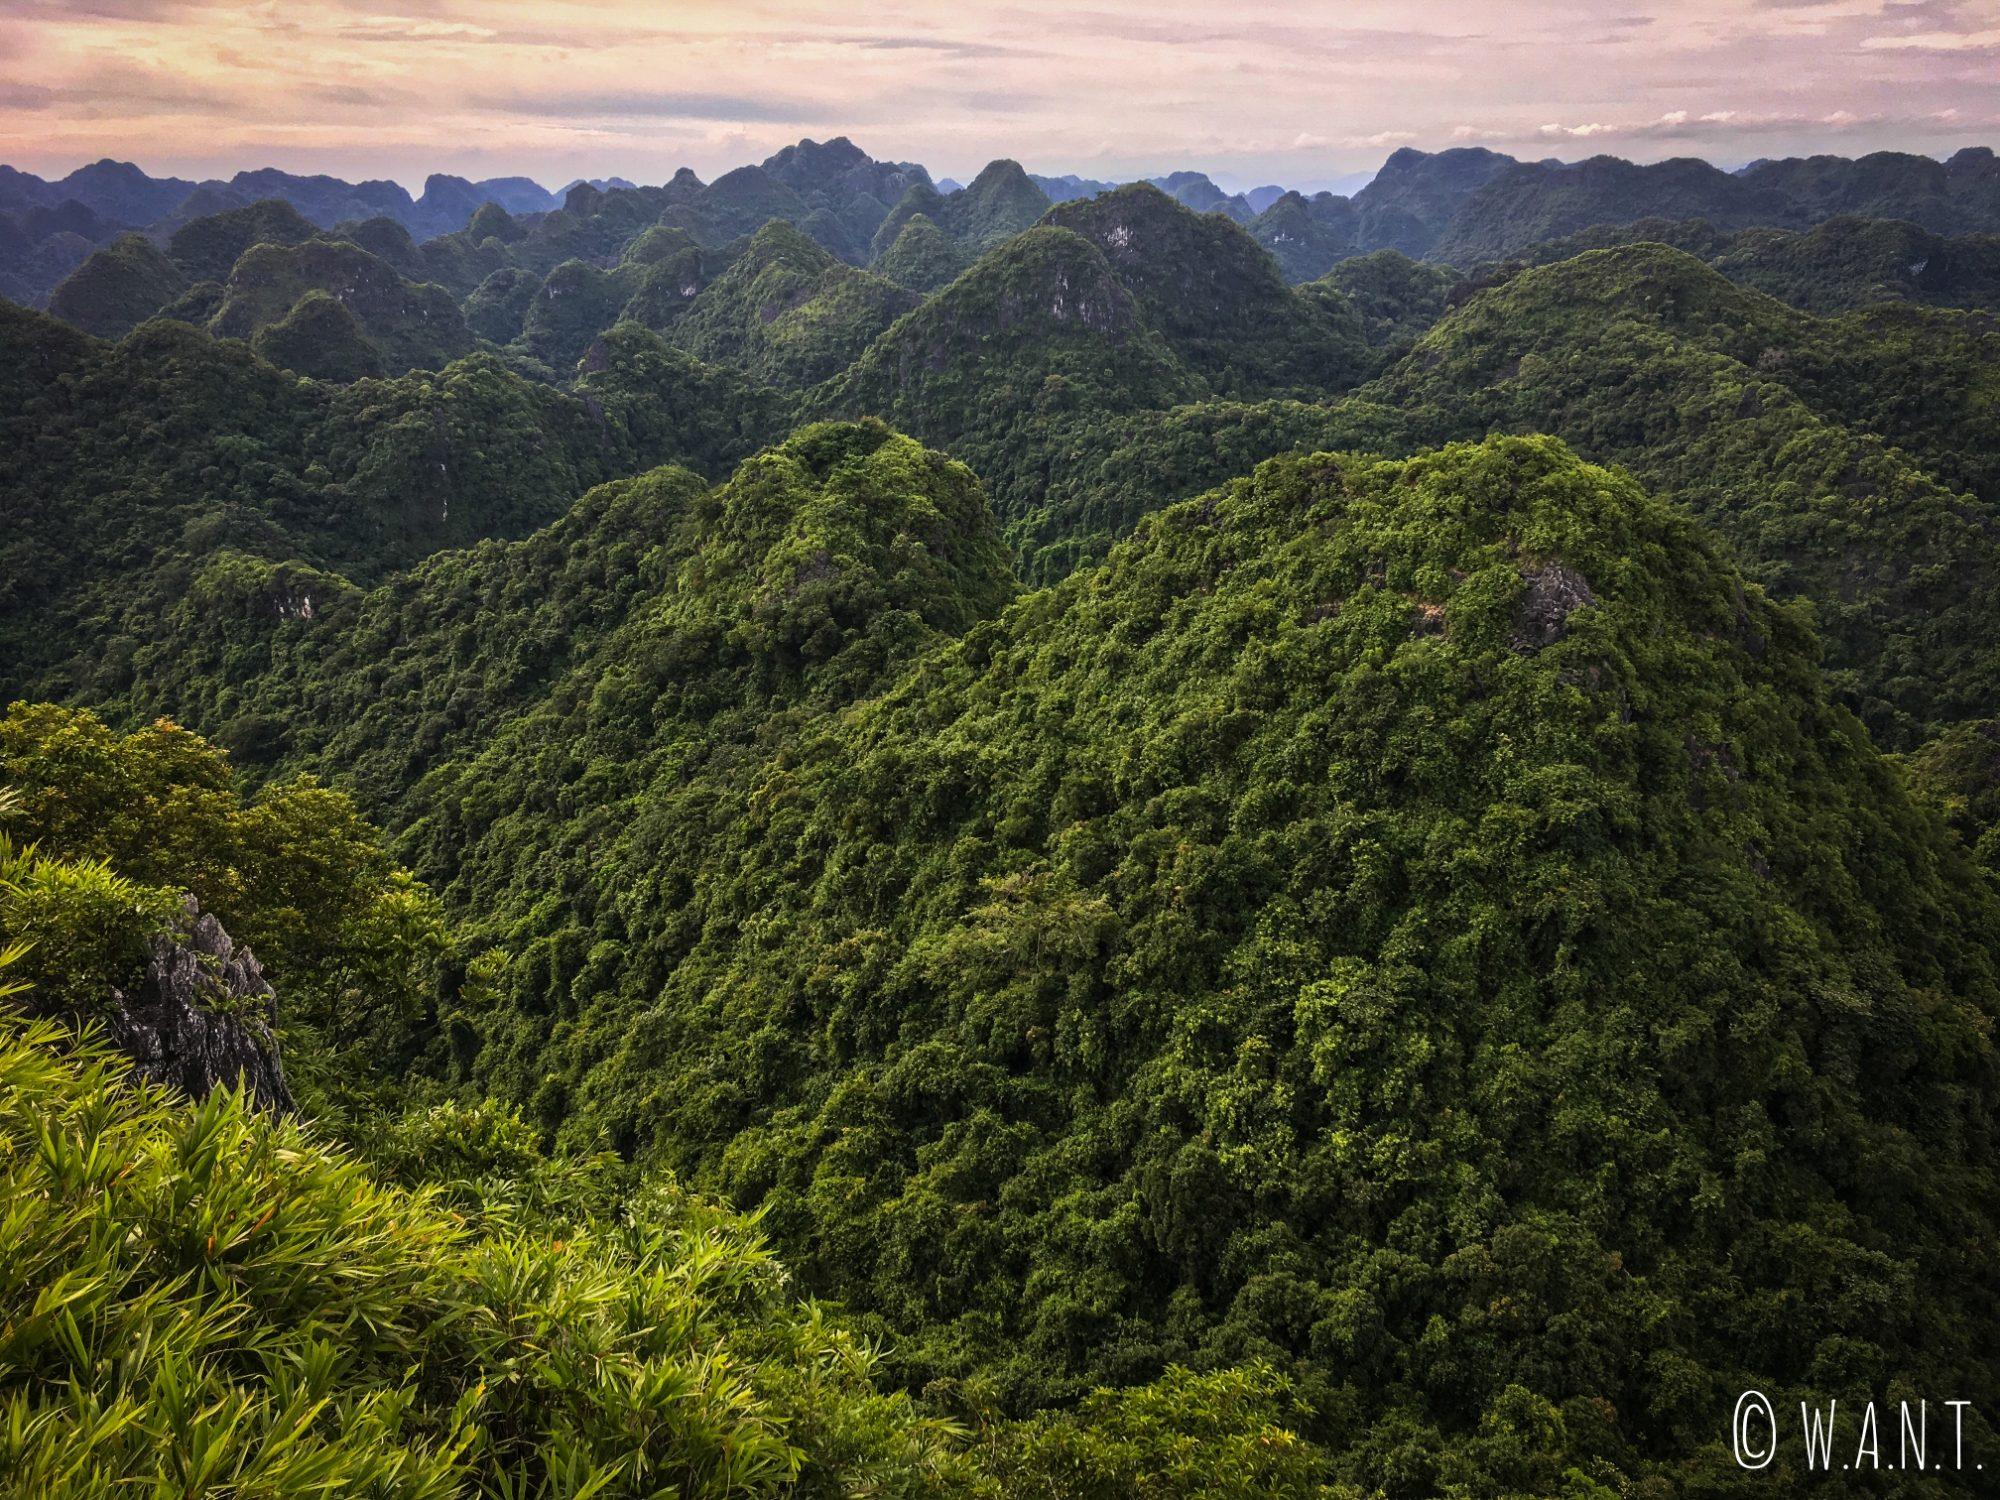 Point de vue fabuleux depuis le sommet du Ngu Lam Peak à Cat Ba